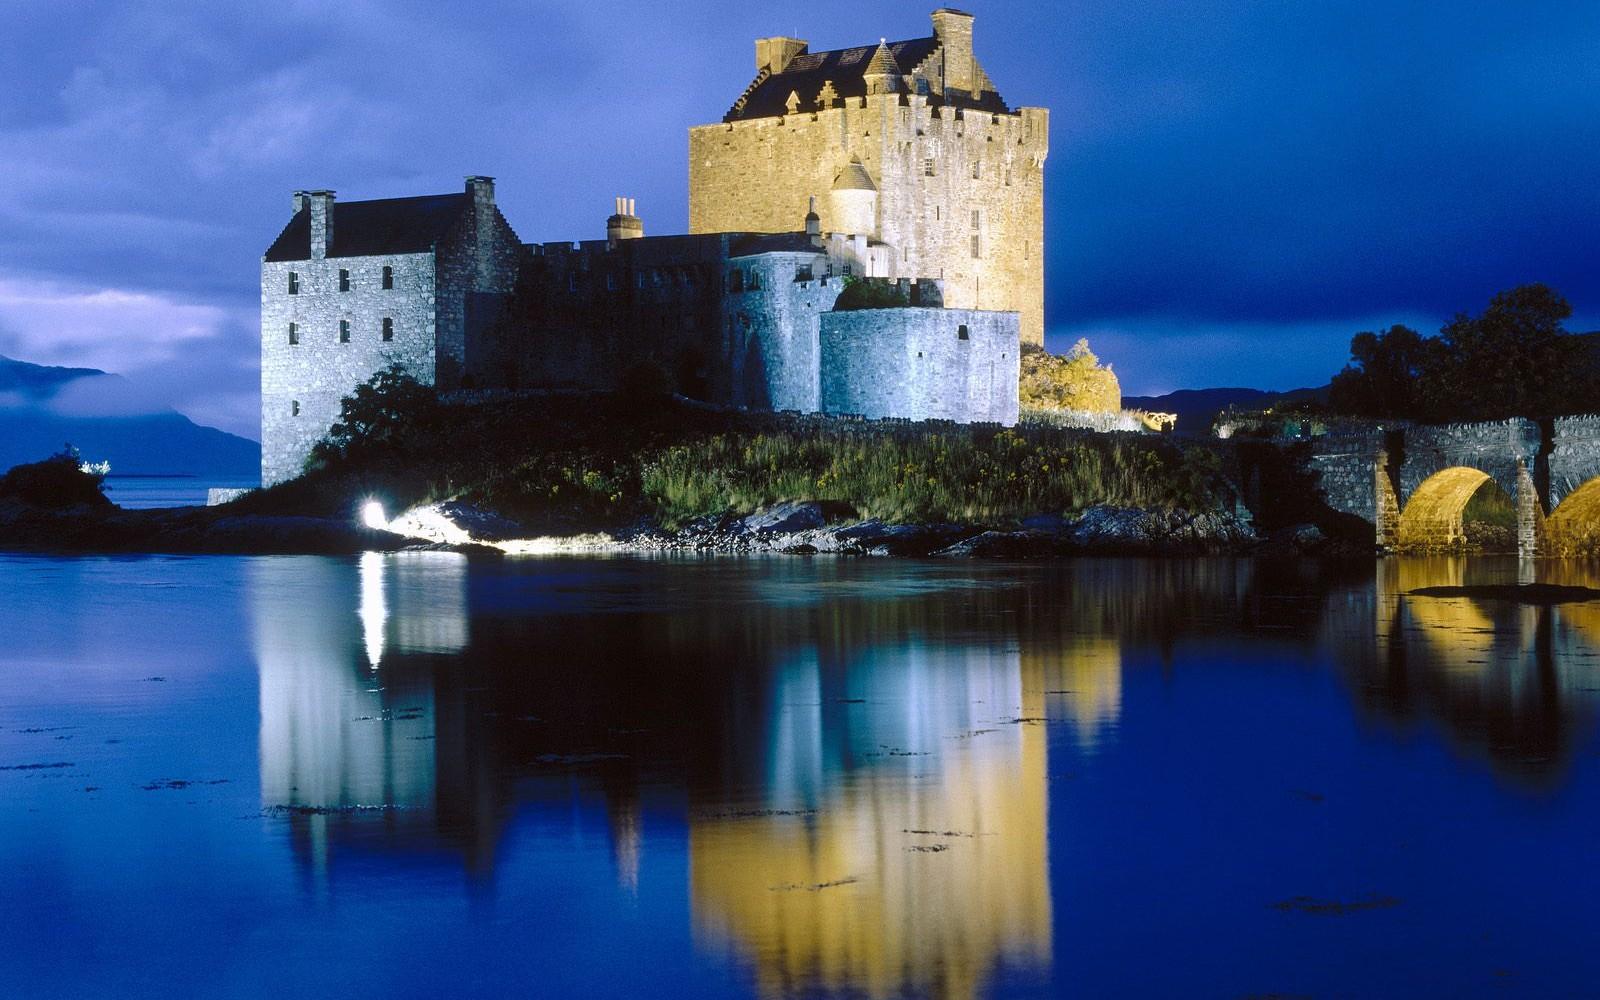 Man Made Eilean Donan Castle 1600x1000